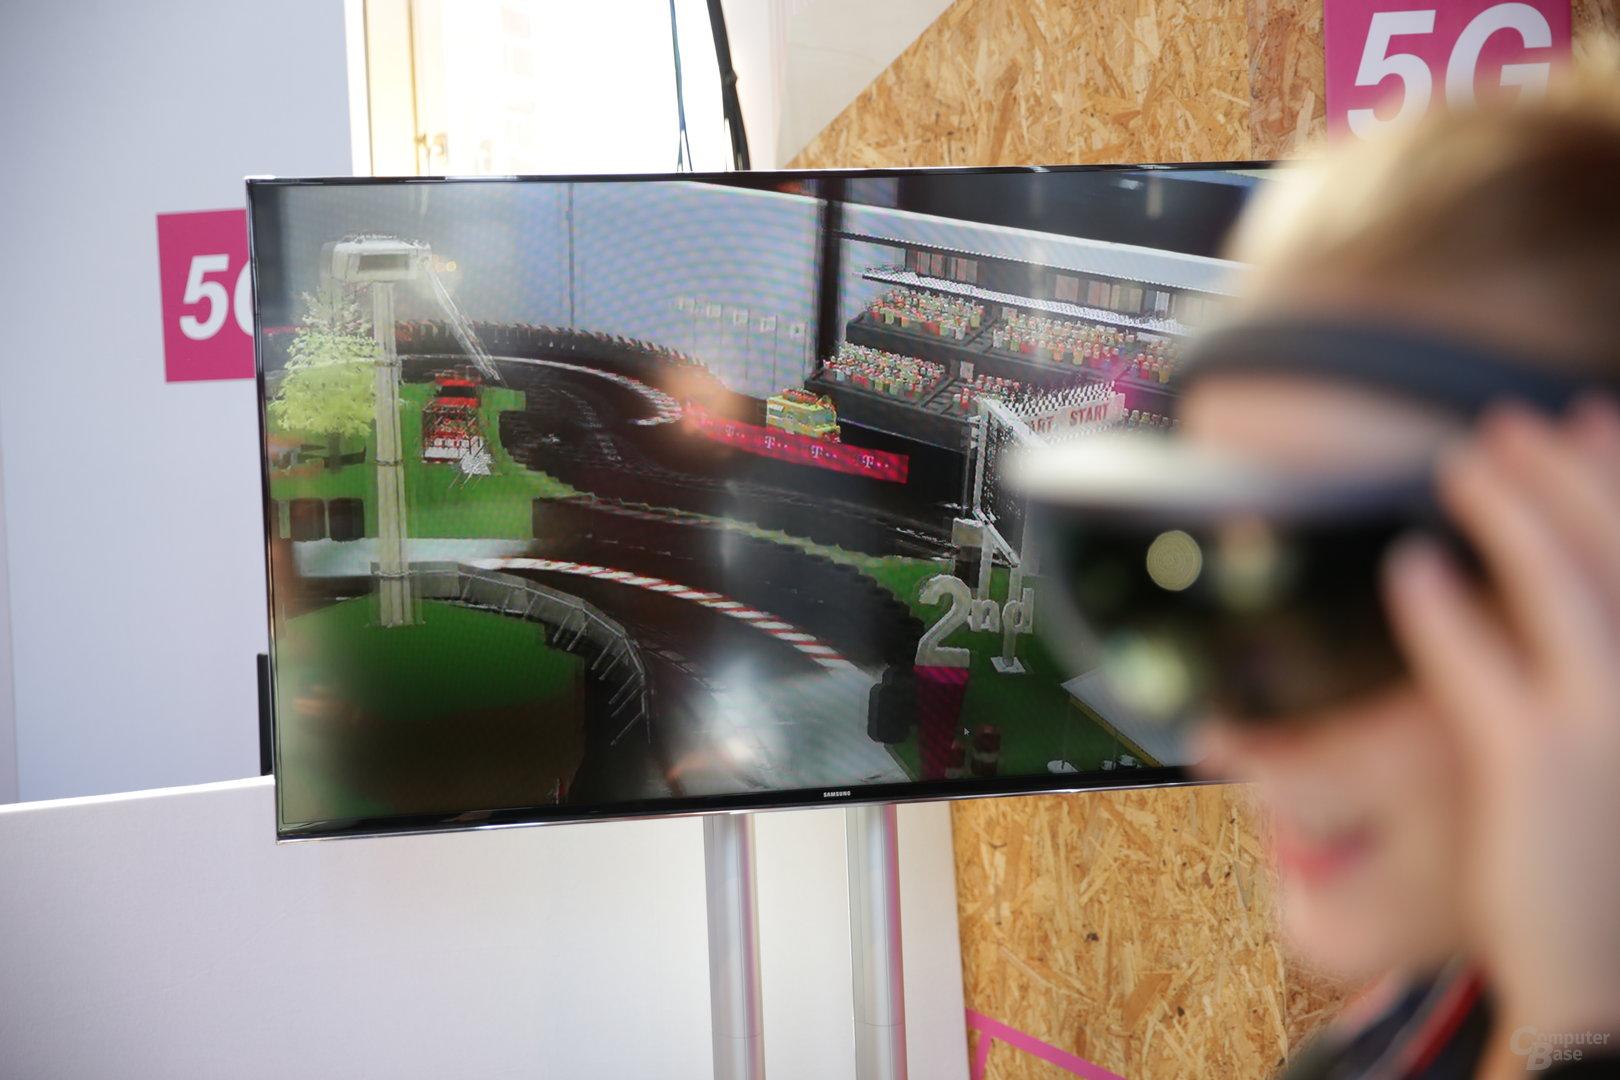 Platzierung und künstliche Zuschauer in die Brille projiziert